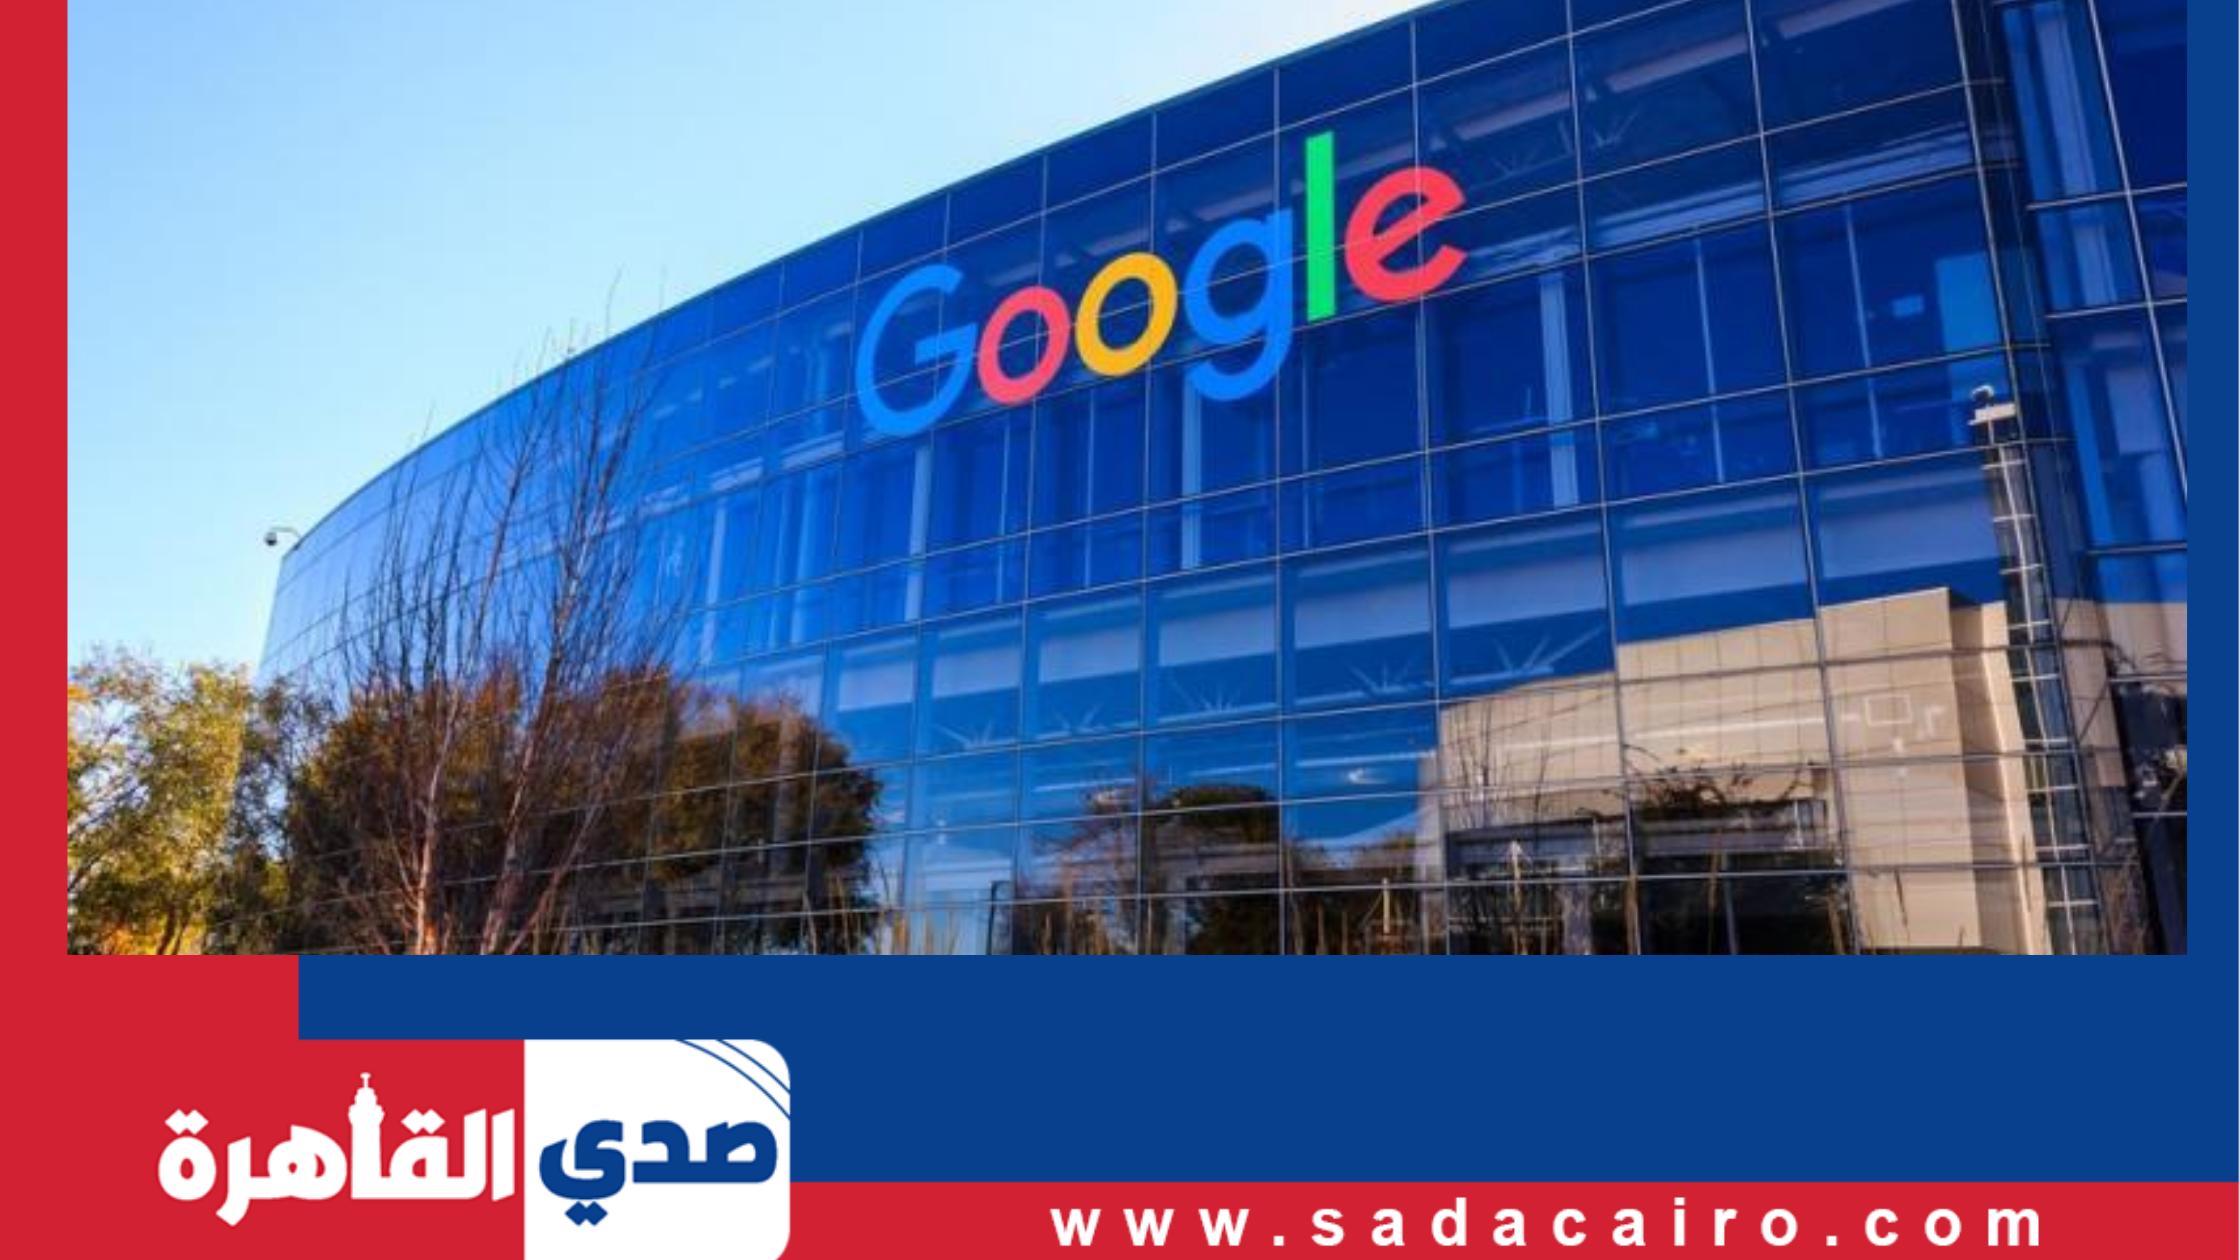 شركة جوجل تساعد شركة سويدية على بناء أداة تعقب انبعاثات الكربون